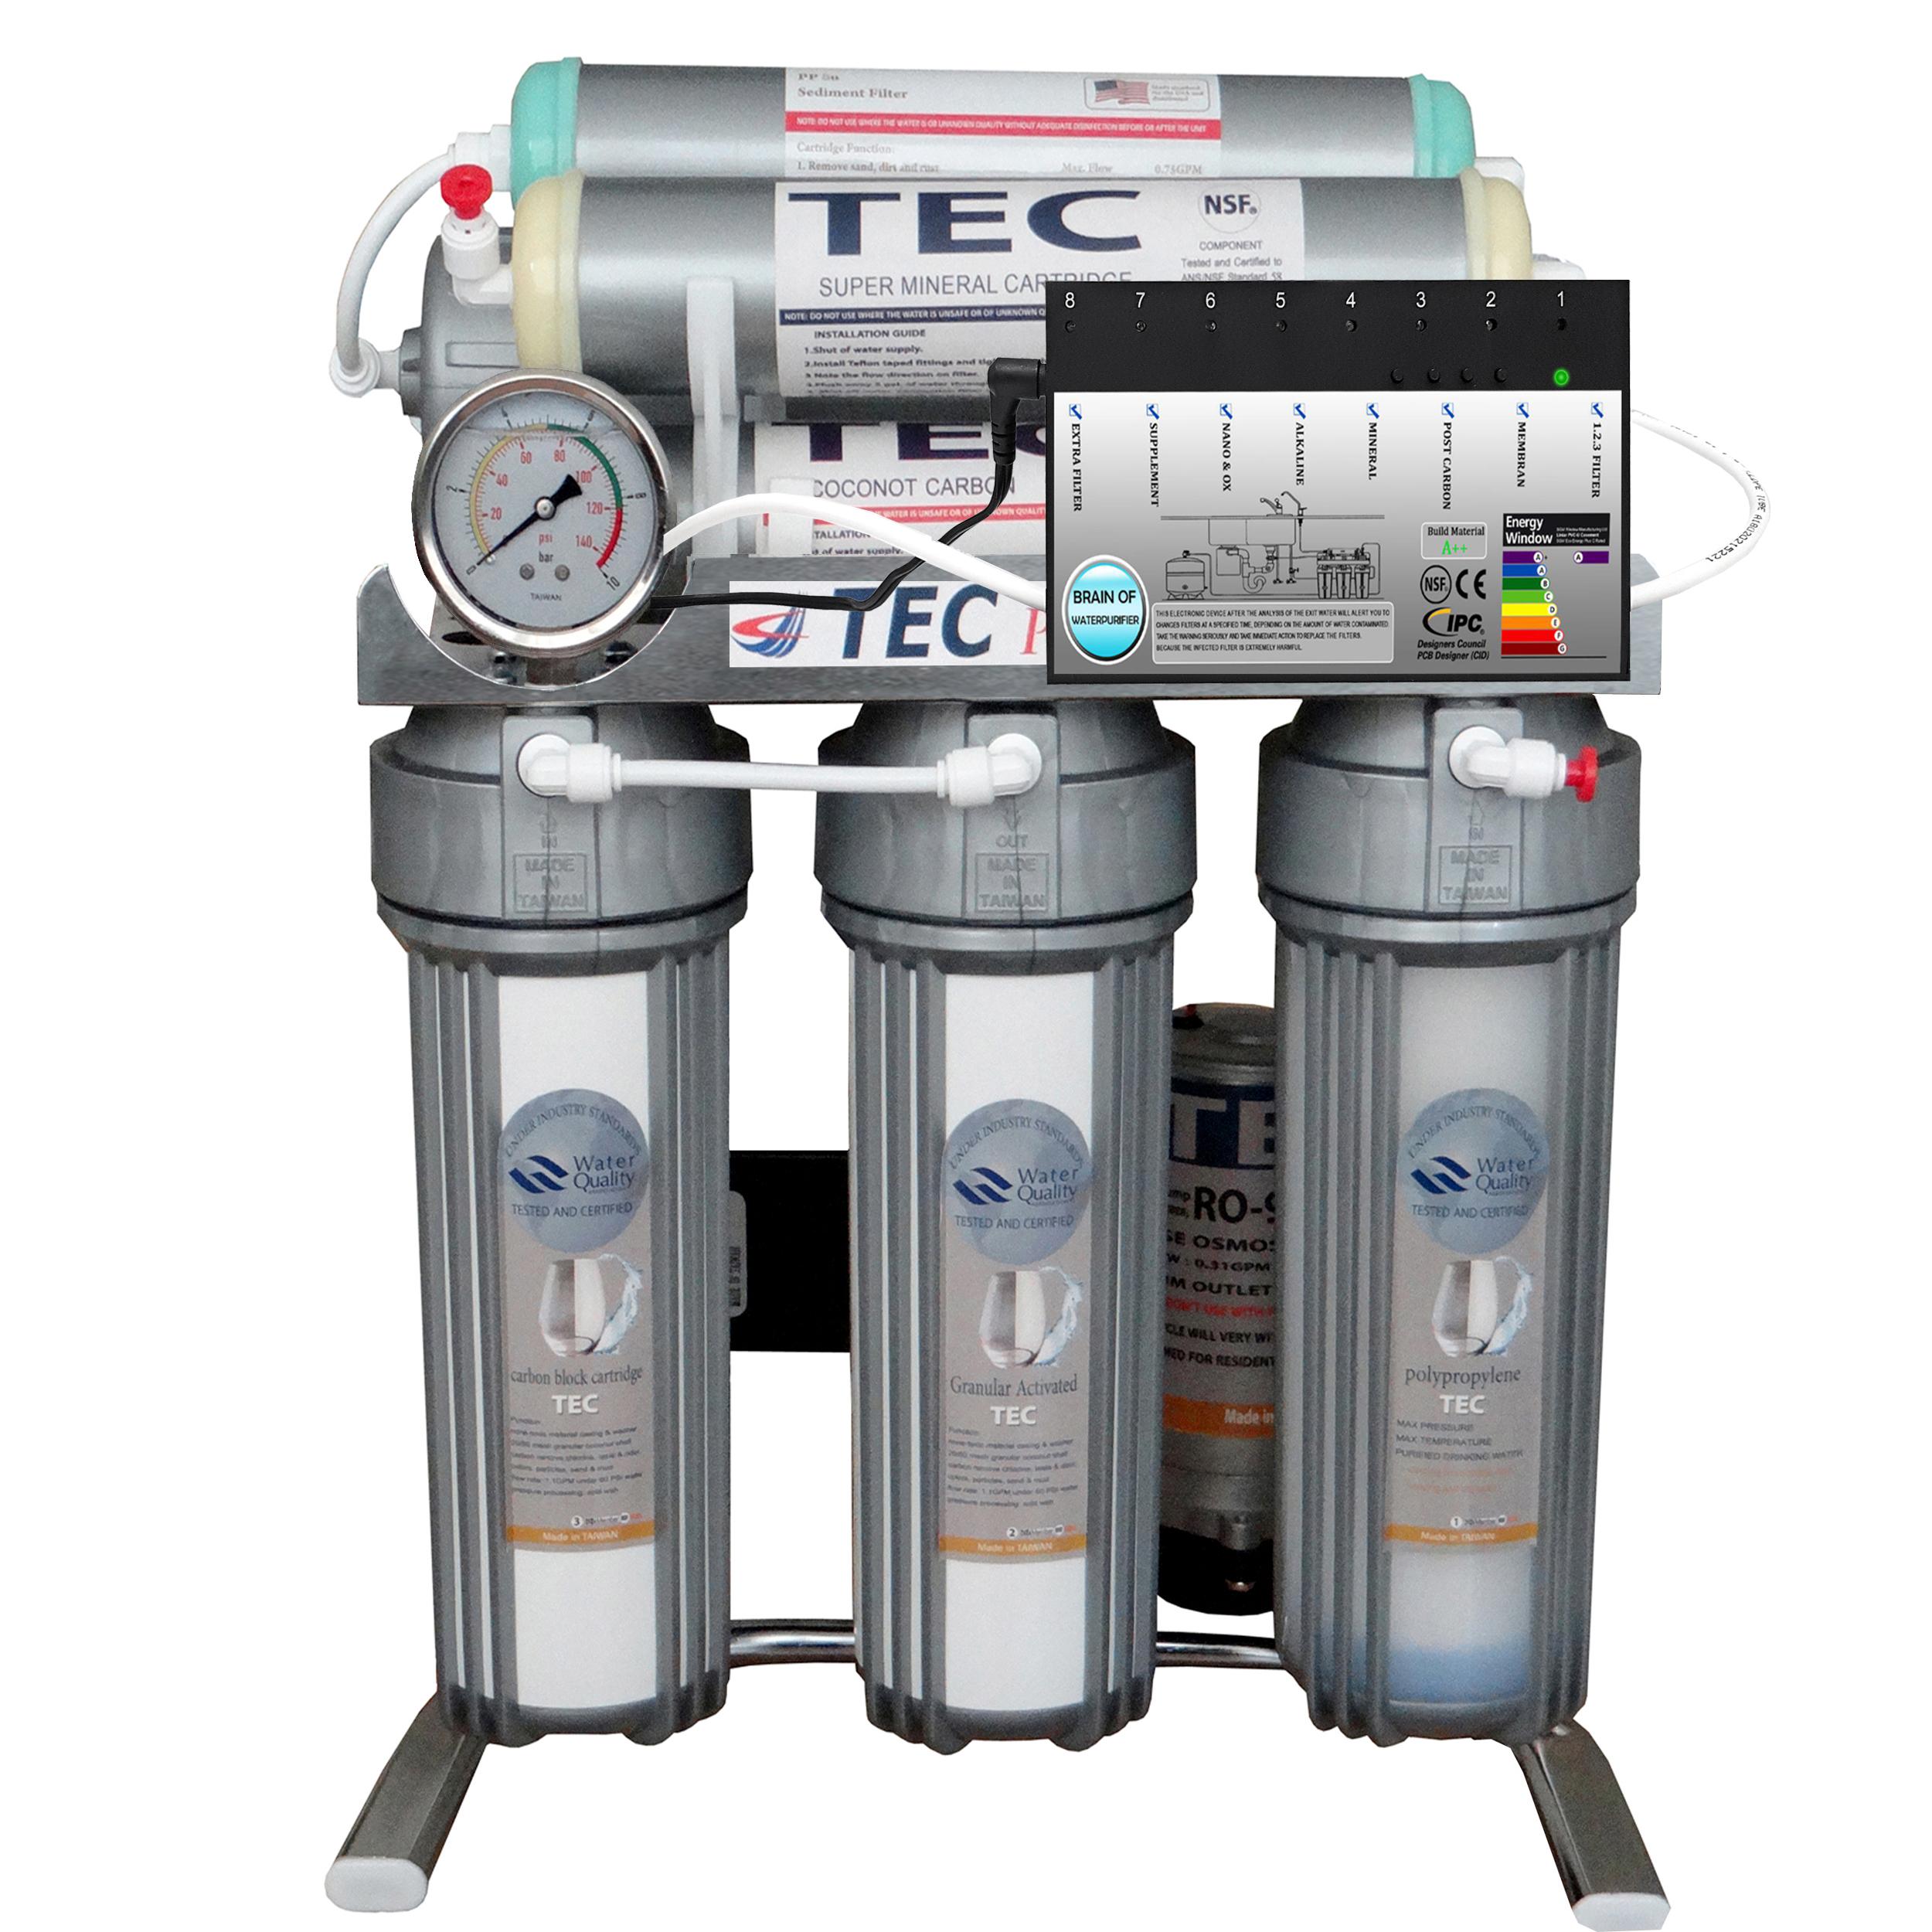 دستگاه تصفیه کنننده آب خانگی تک مدل CHROME2019-AT7300